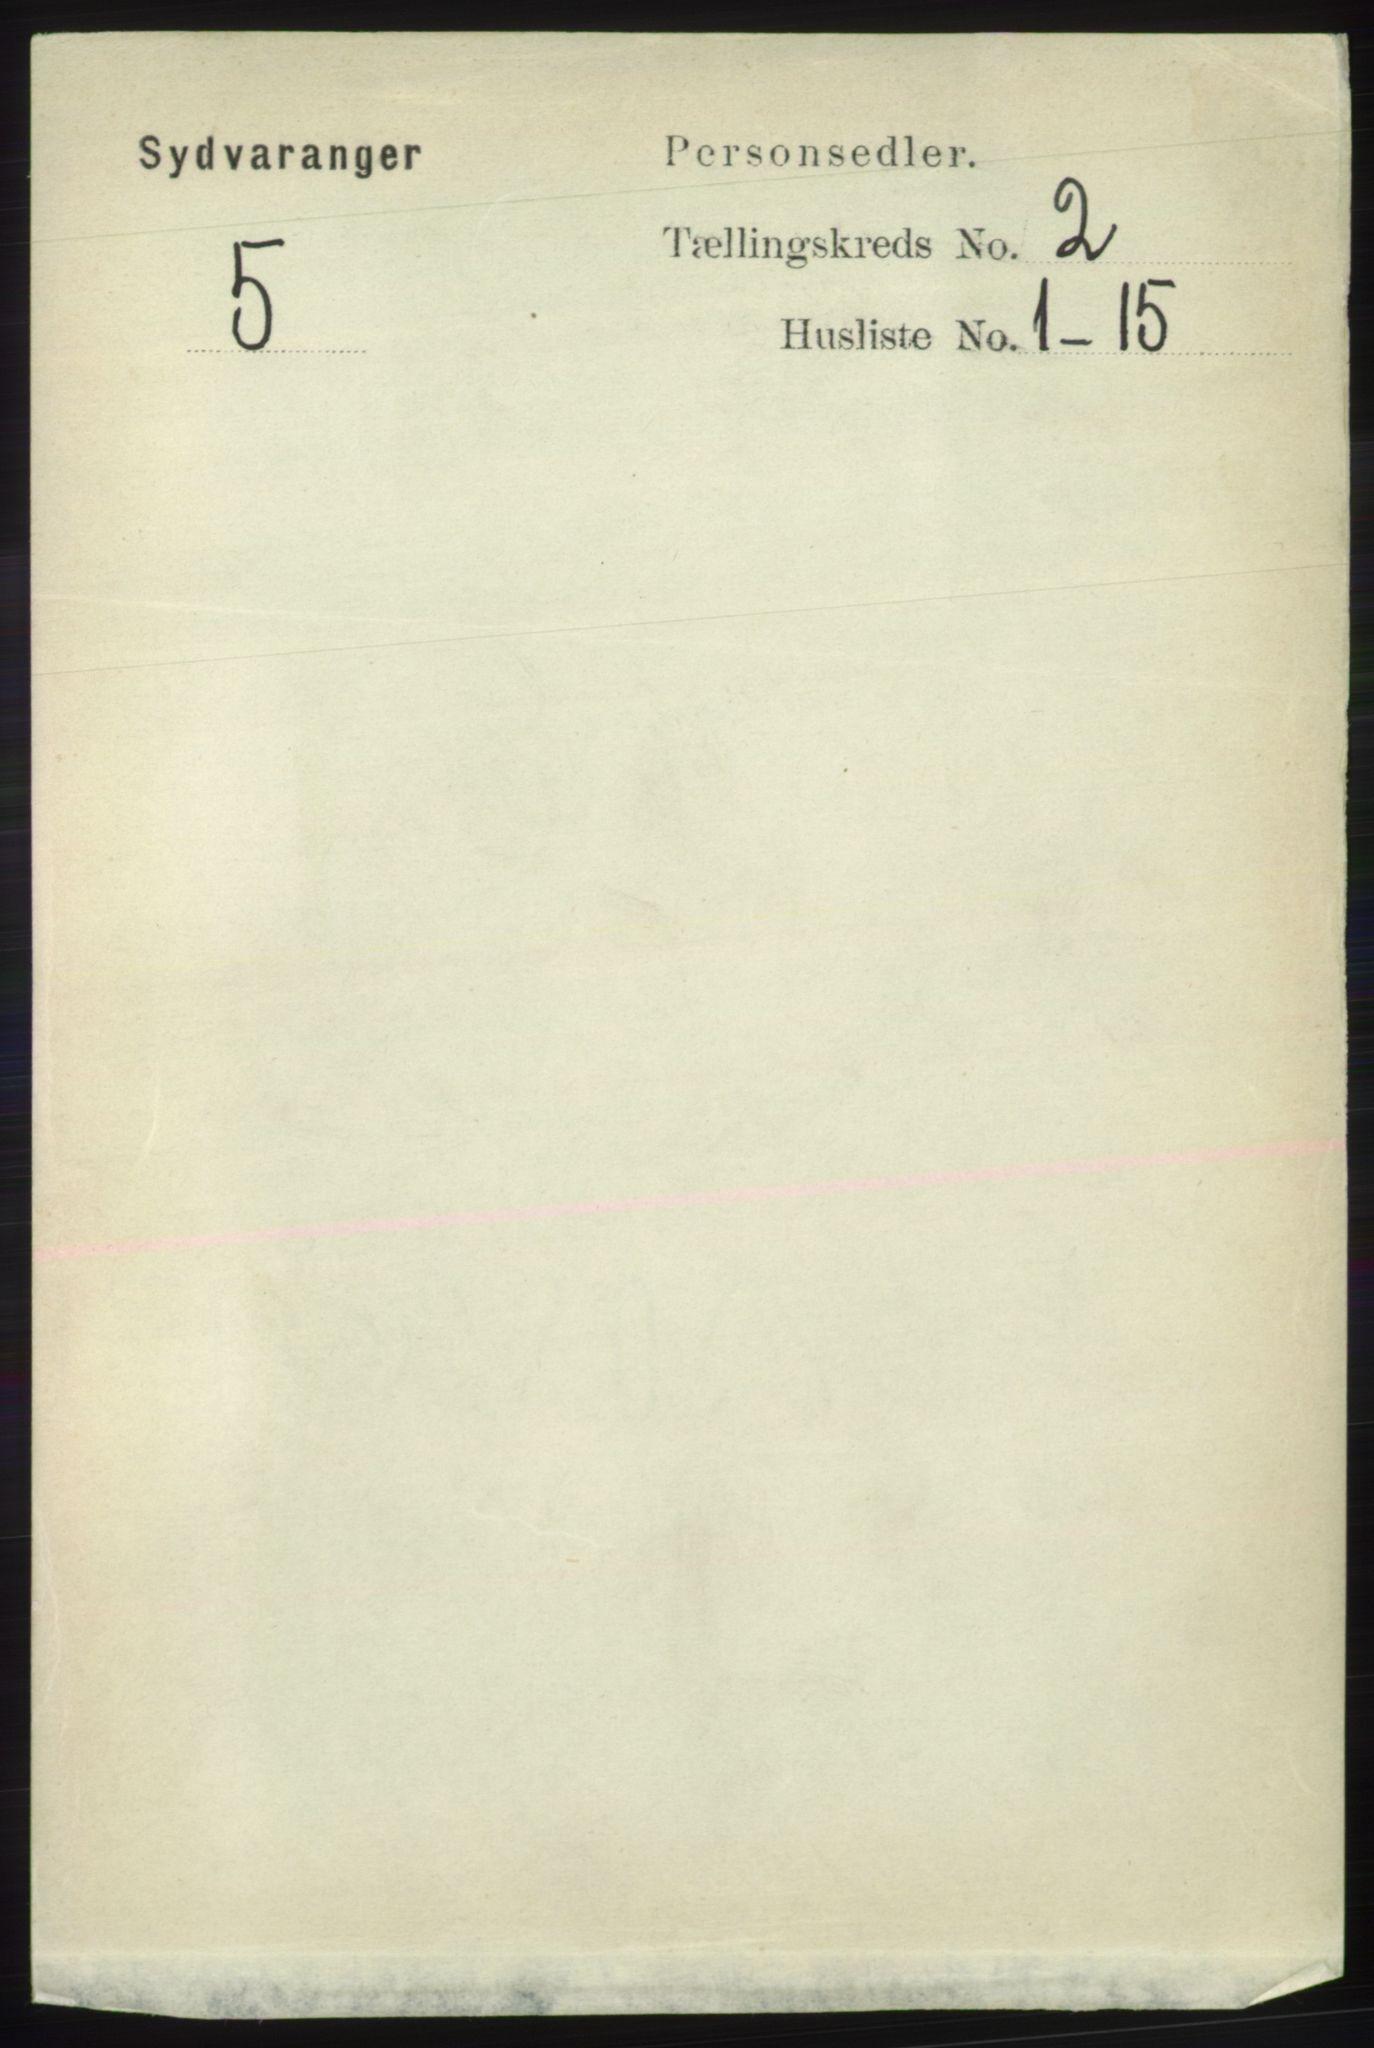 RA, Folketelling 1891 for 2030 Sør-Varanger herred, 1891, s. 400